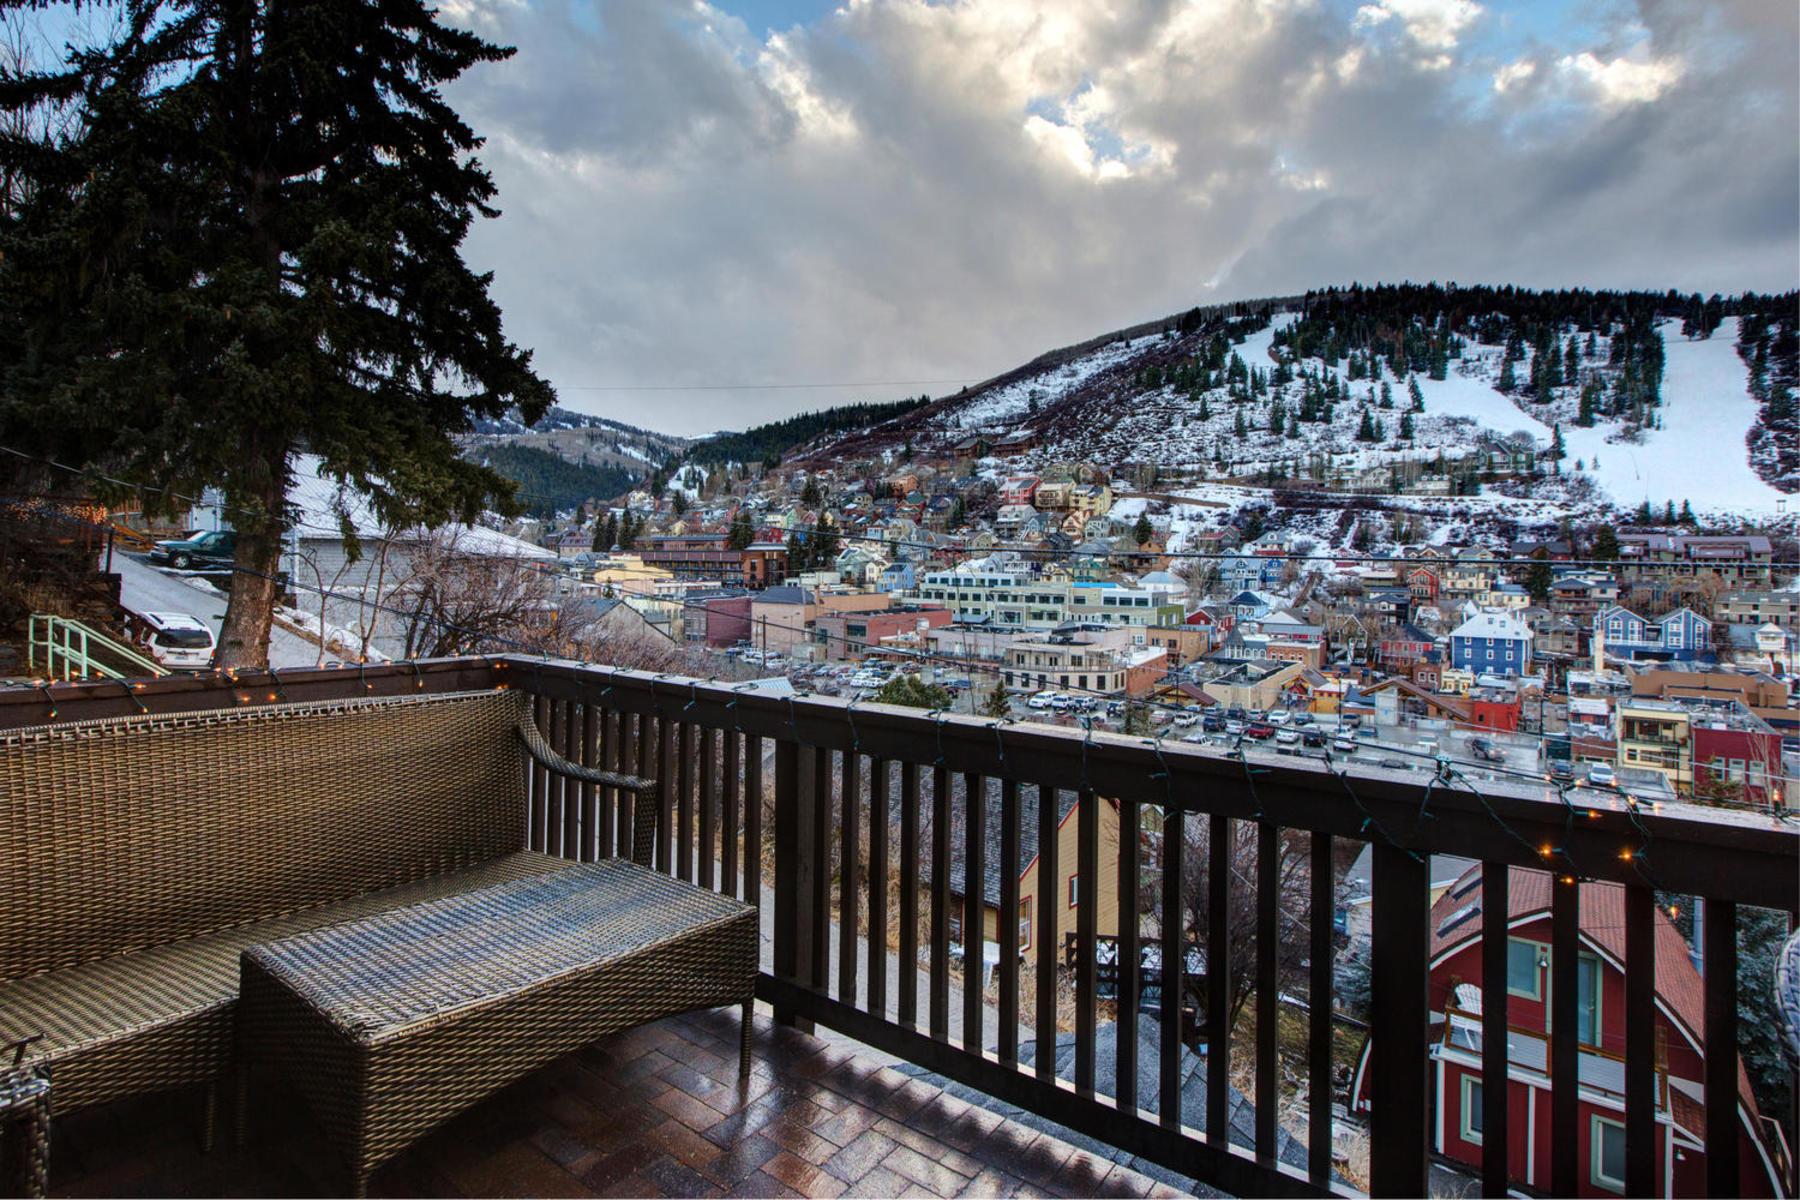 단독 가정 주택 용 매매 에 Beautifully Appointed with Ski Run Views 428 Ontario Ave Park City, 유타, 84060 미국